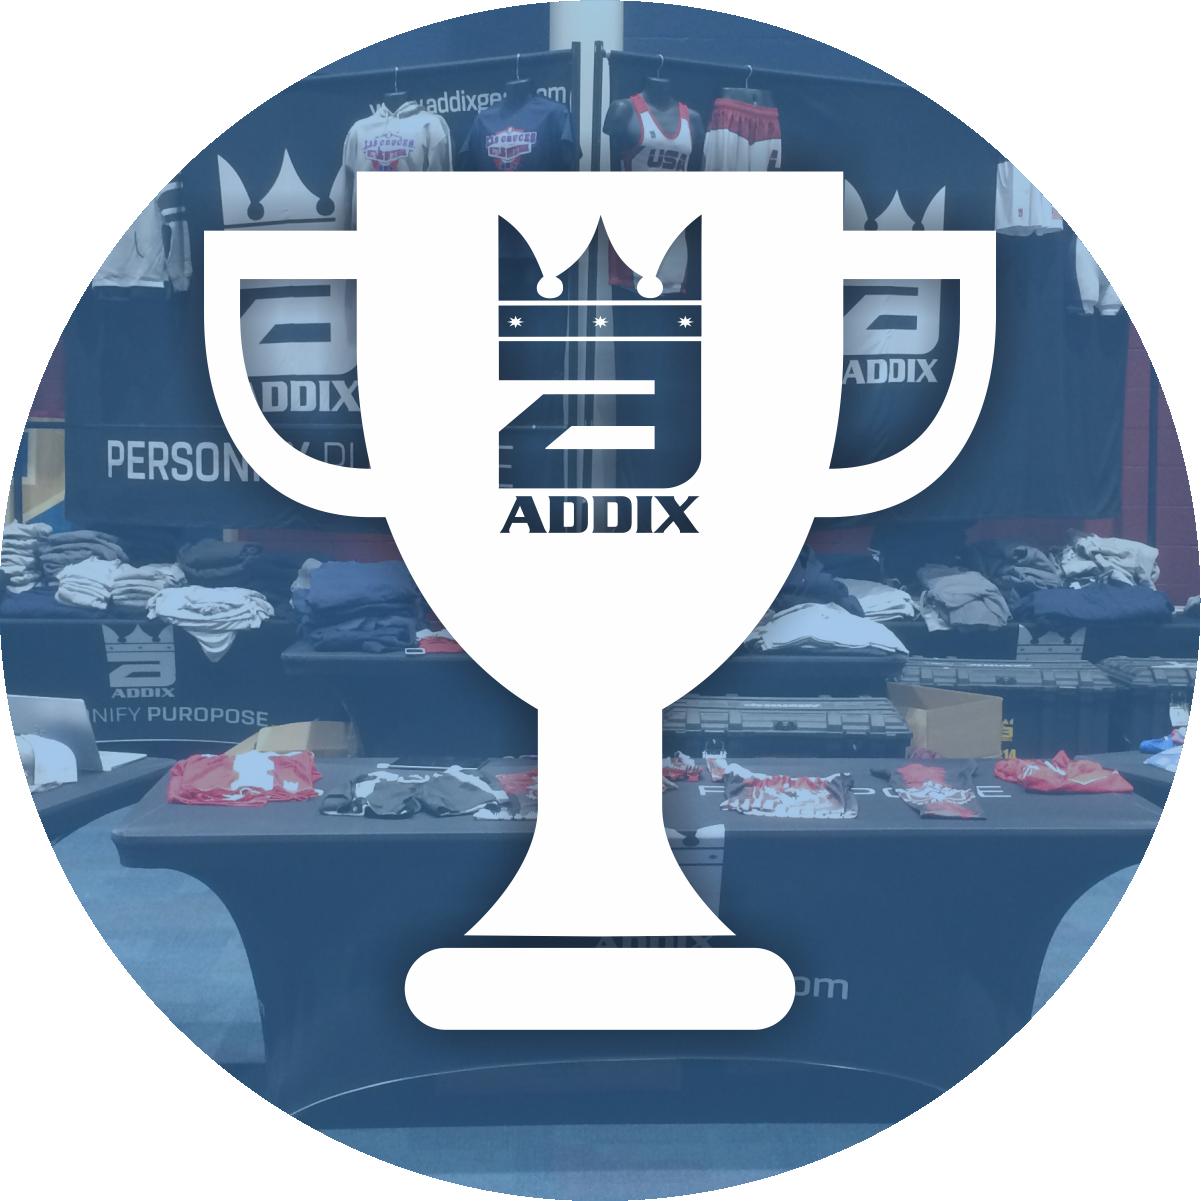 Copy of ADDIX Events